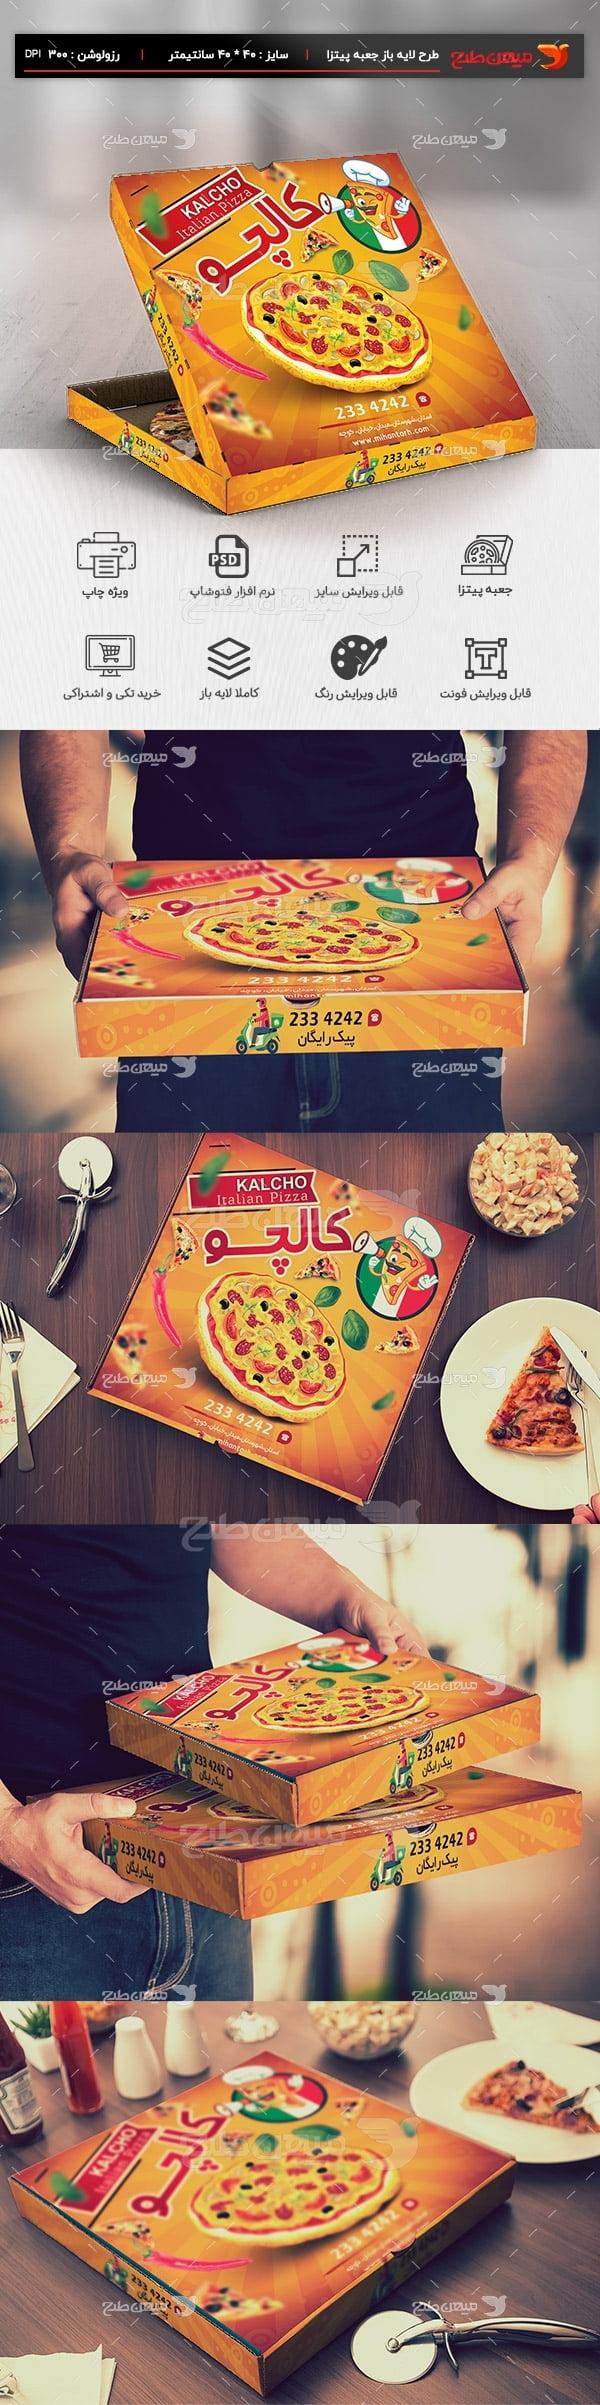 طح لایه باز جعبه پیتزا